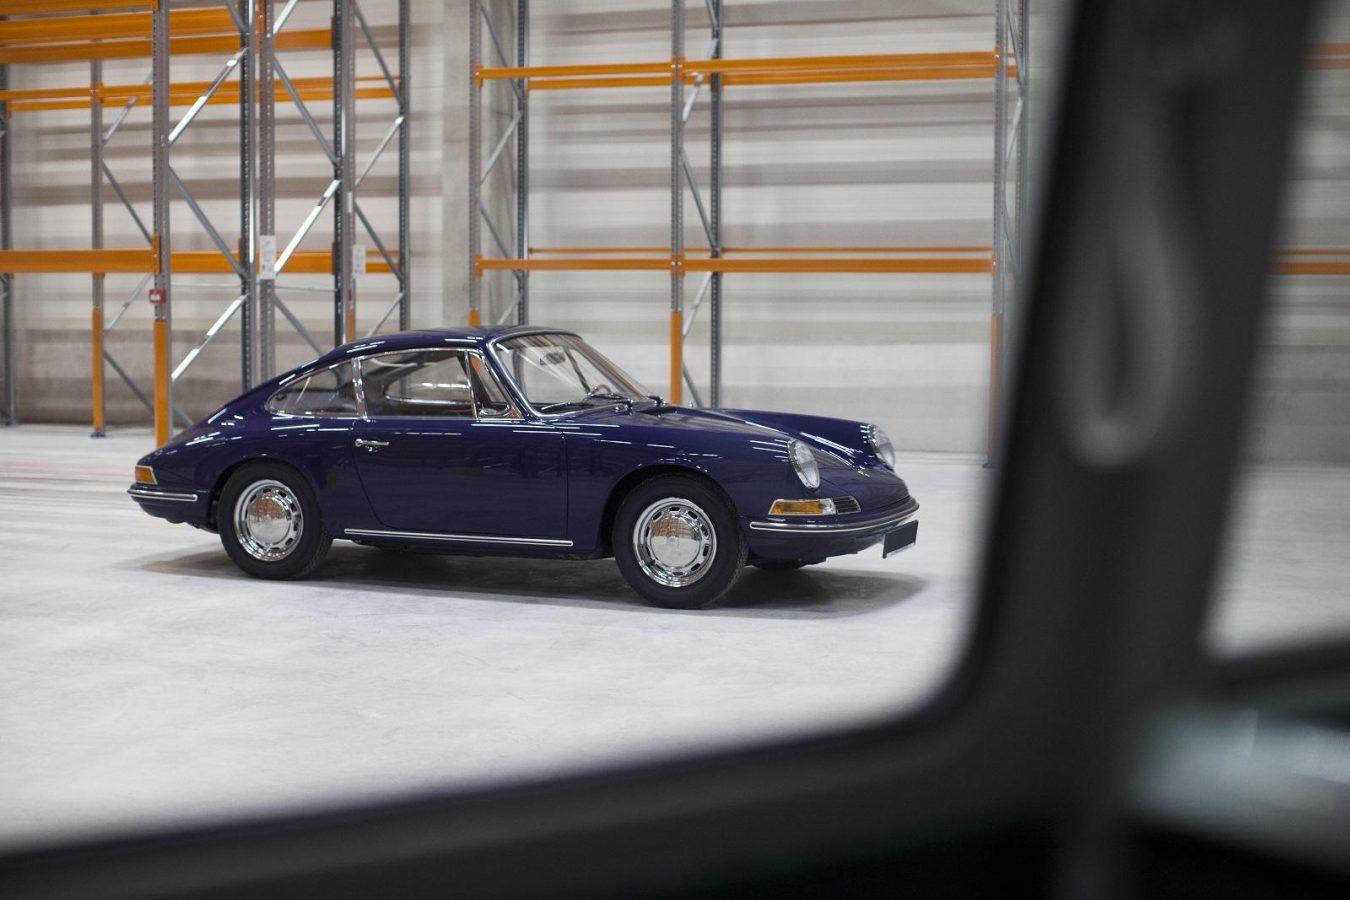 Blauer von der Seite Porsche 911 SWB vor Lagerregalen